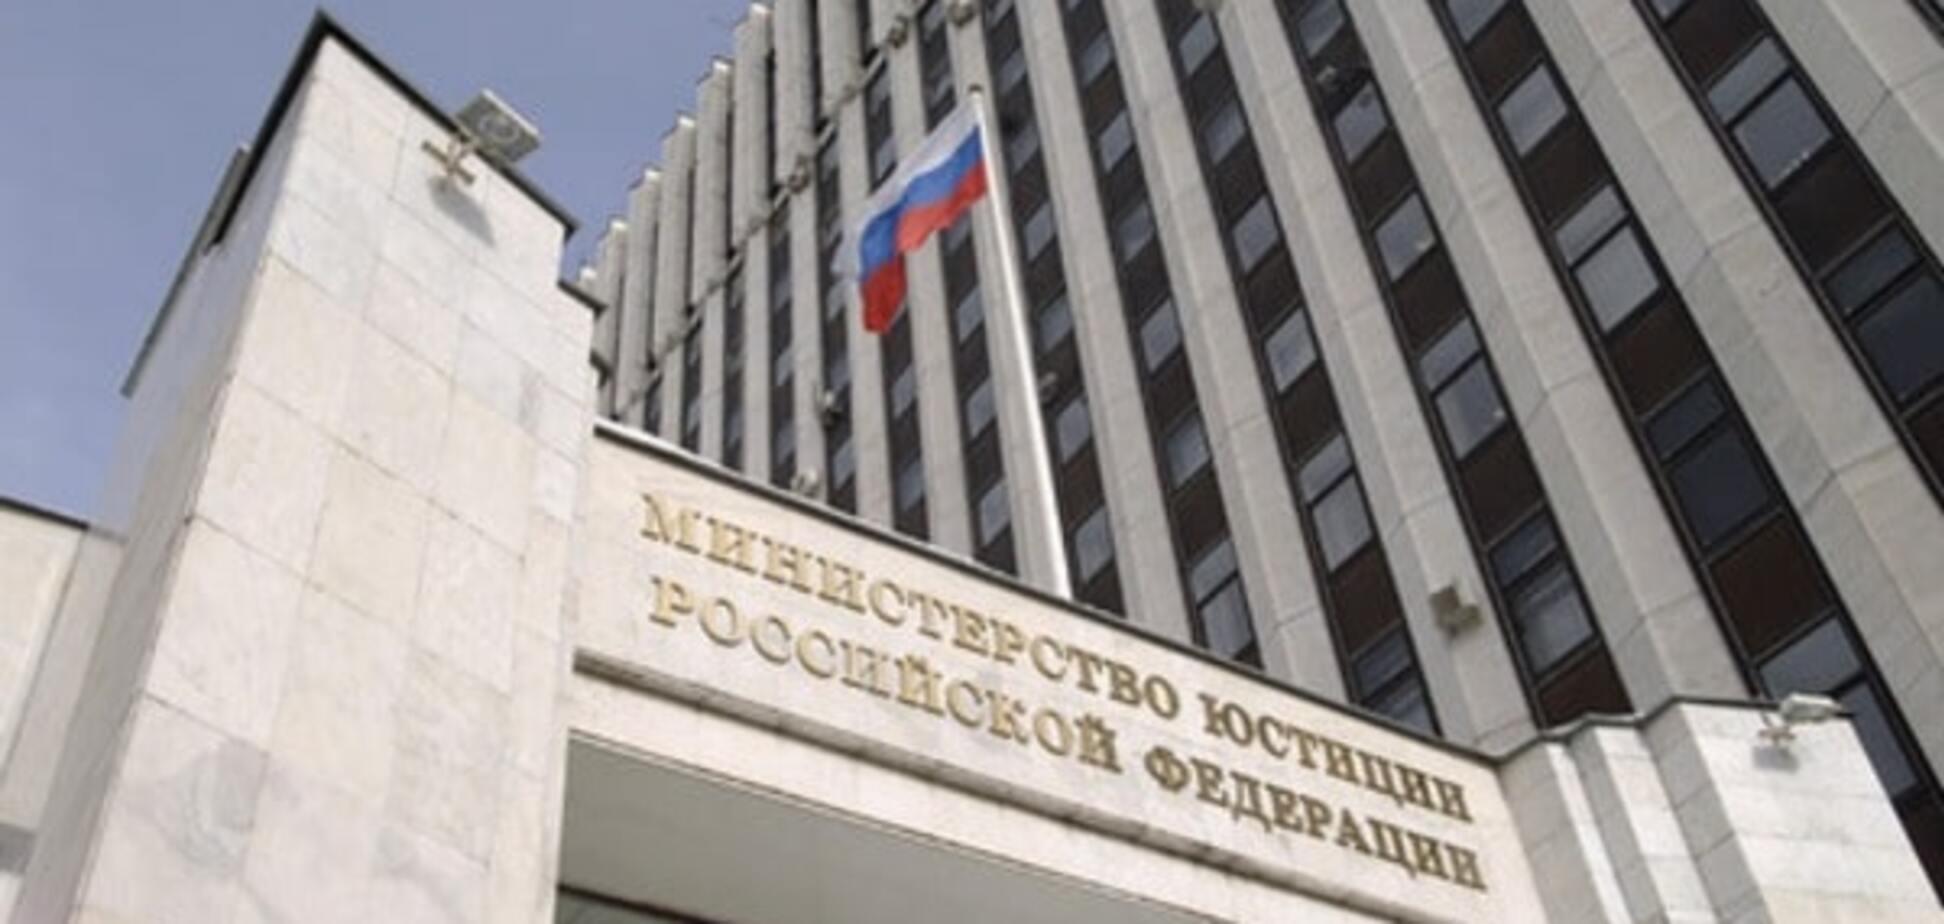 Москва вимагає від Києва видати шість ув'язнених росіян